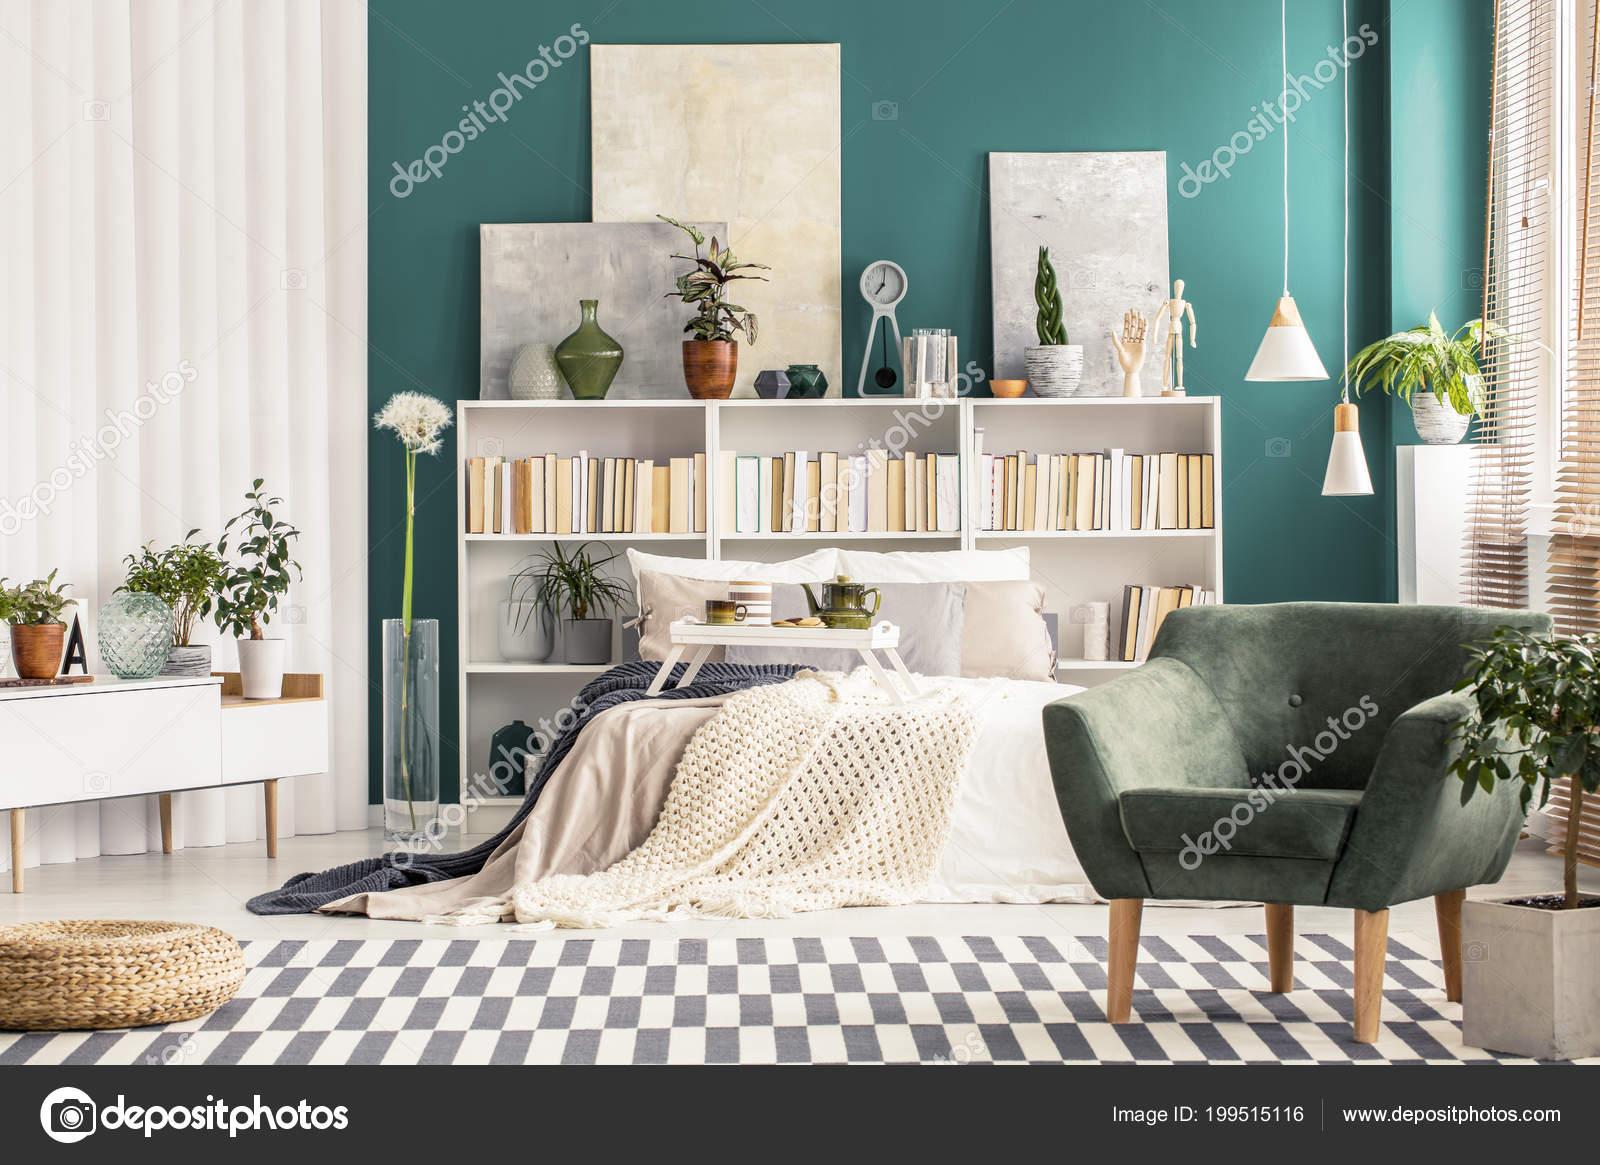 Slaapkamer Groen Wit : Gezellige slaapkamer interieur met meubilair wit scandinavische